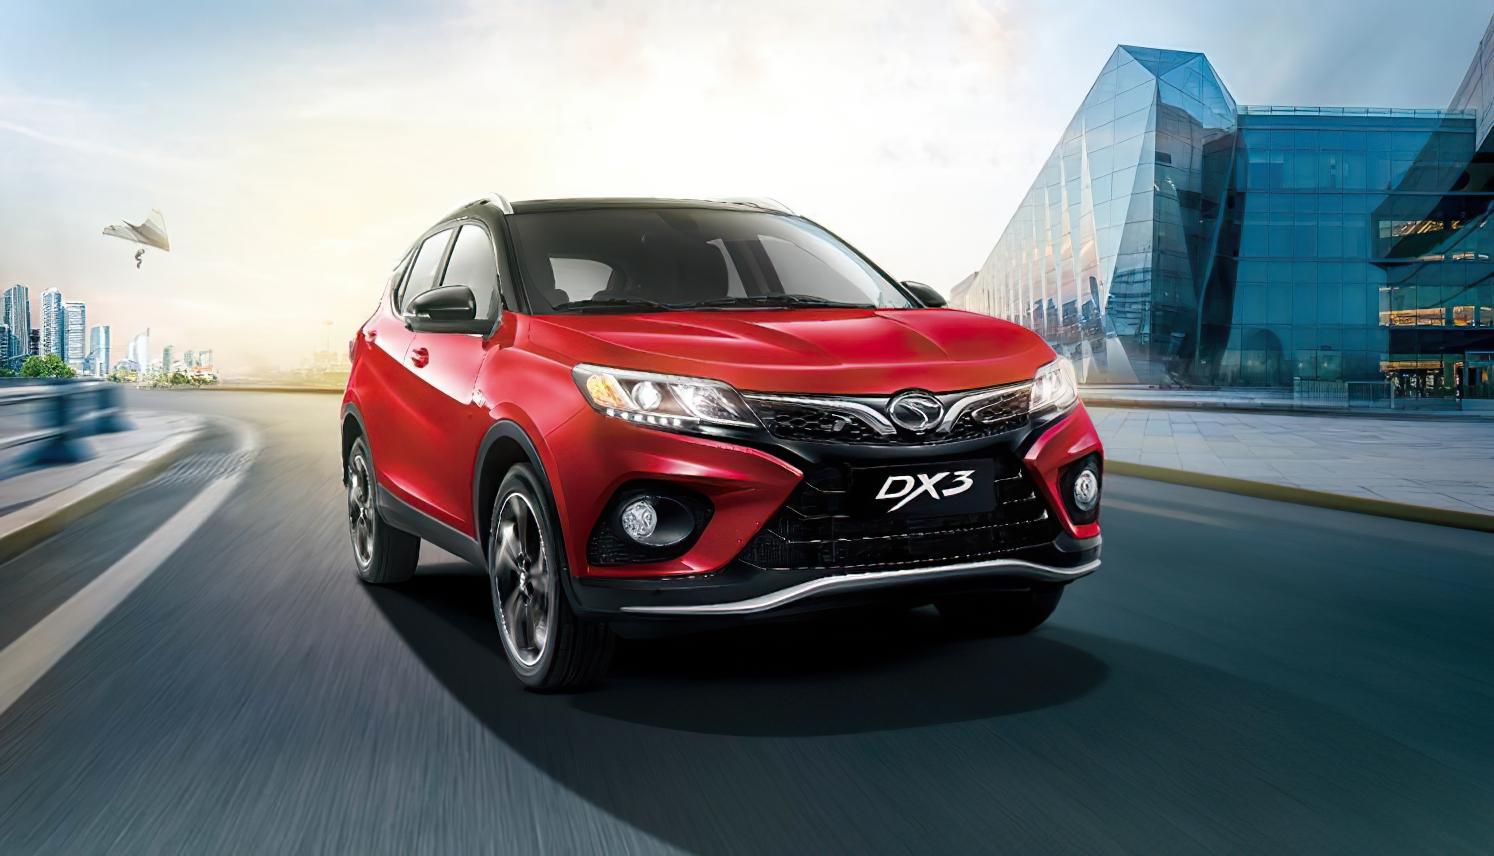 سعر DX3 - سعر ساوايست DX3 - مواصفات ساوايست DX3 - صور ساوايست DX3 - موقع سيارات - موقع اخبار السيارات - السيارات الجديدة - موديلات 2021 - صور DX3 - مواصفات DX3